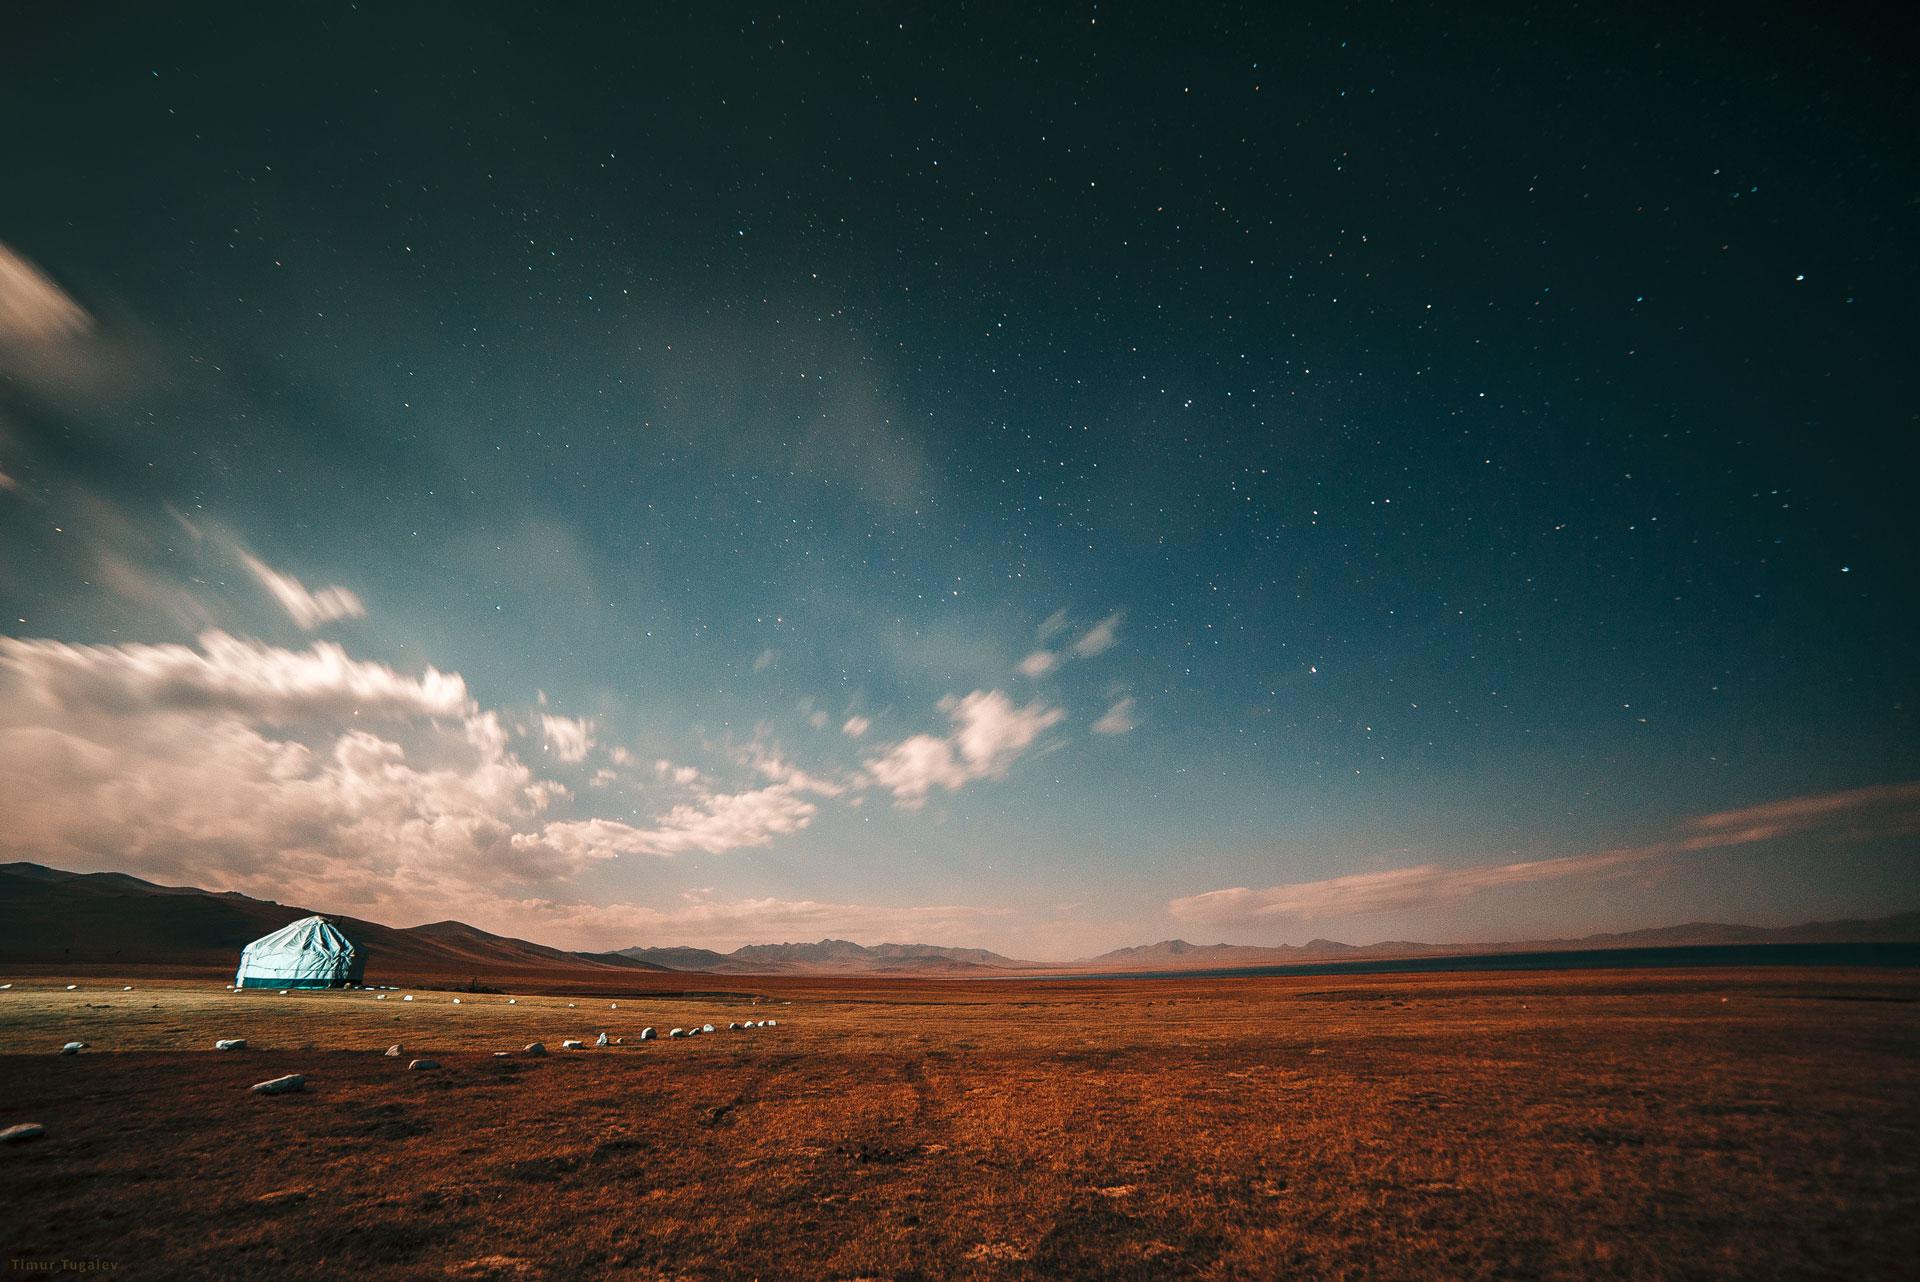 stars-Timur-Tugalev